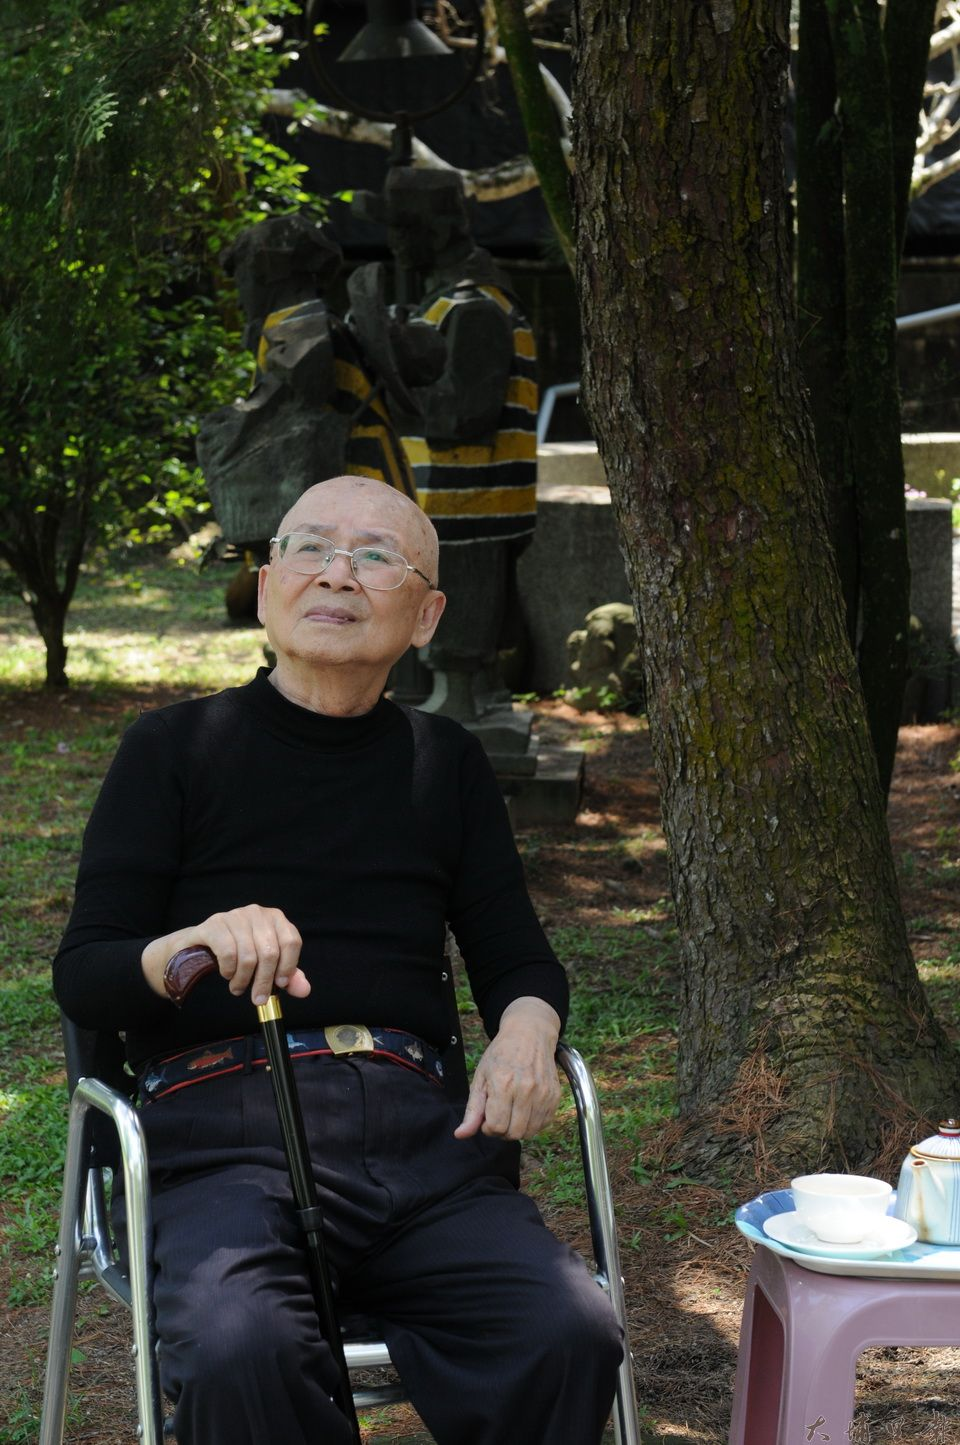 黃炳松居家環境也是被樹所環繞,他的理念是「留樹等於護生」,積極參與埔里鎮環境生態議題。(柏原祥攝)